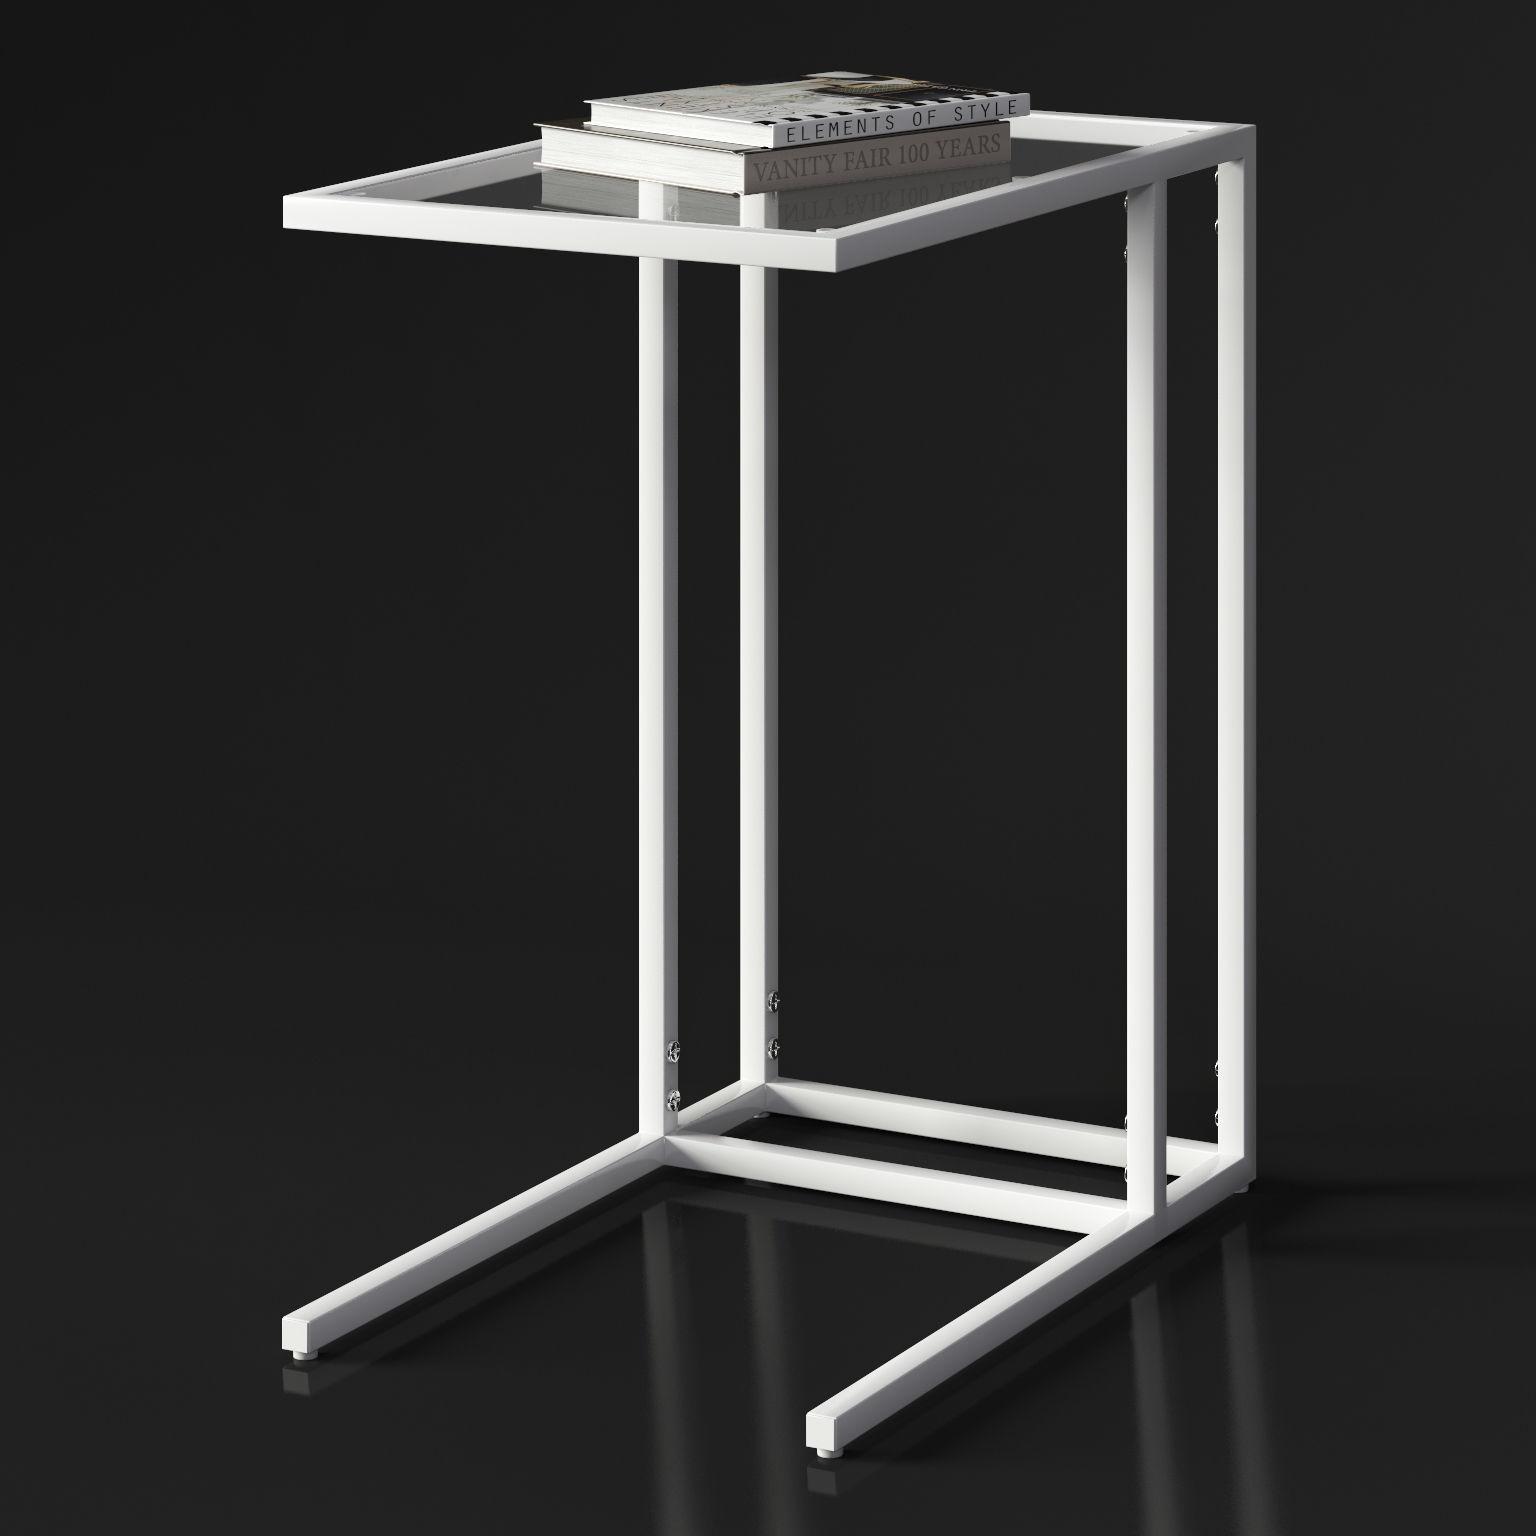 Ikea Vittsjo Laptop Stand 3d Model Cgtrader # Meuble Ikea Vittsjo